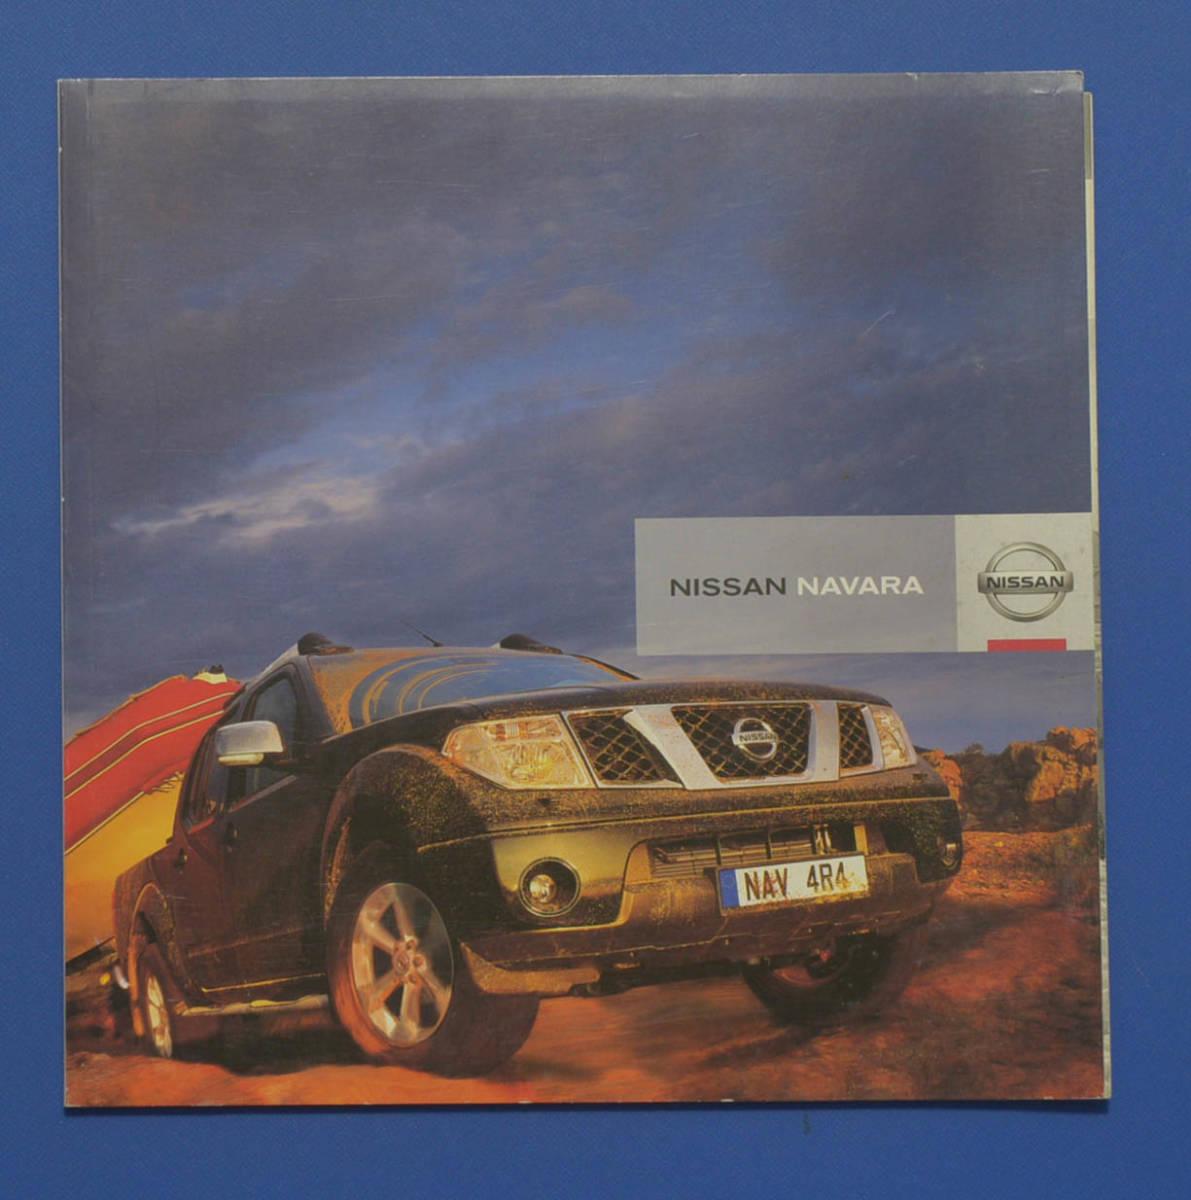 日産  ナバラ NISSAN NAVARA 2008年9月 フランス版カタログ フランス語 日本未発売 希少品 送料無料 IR050_画像1